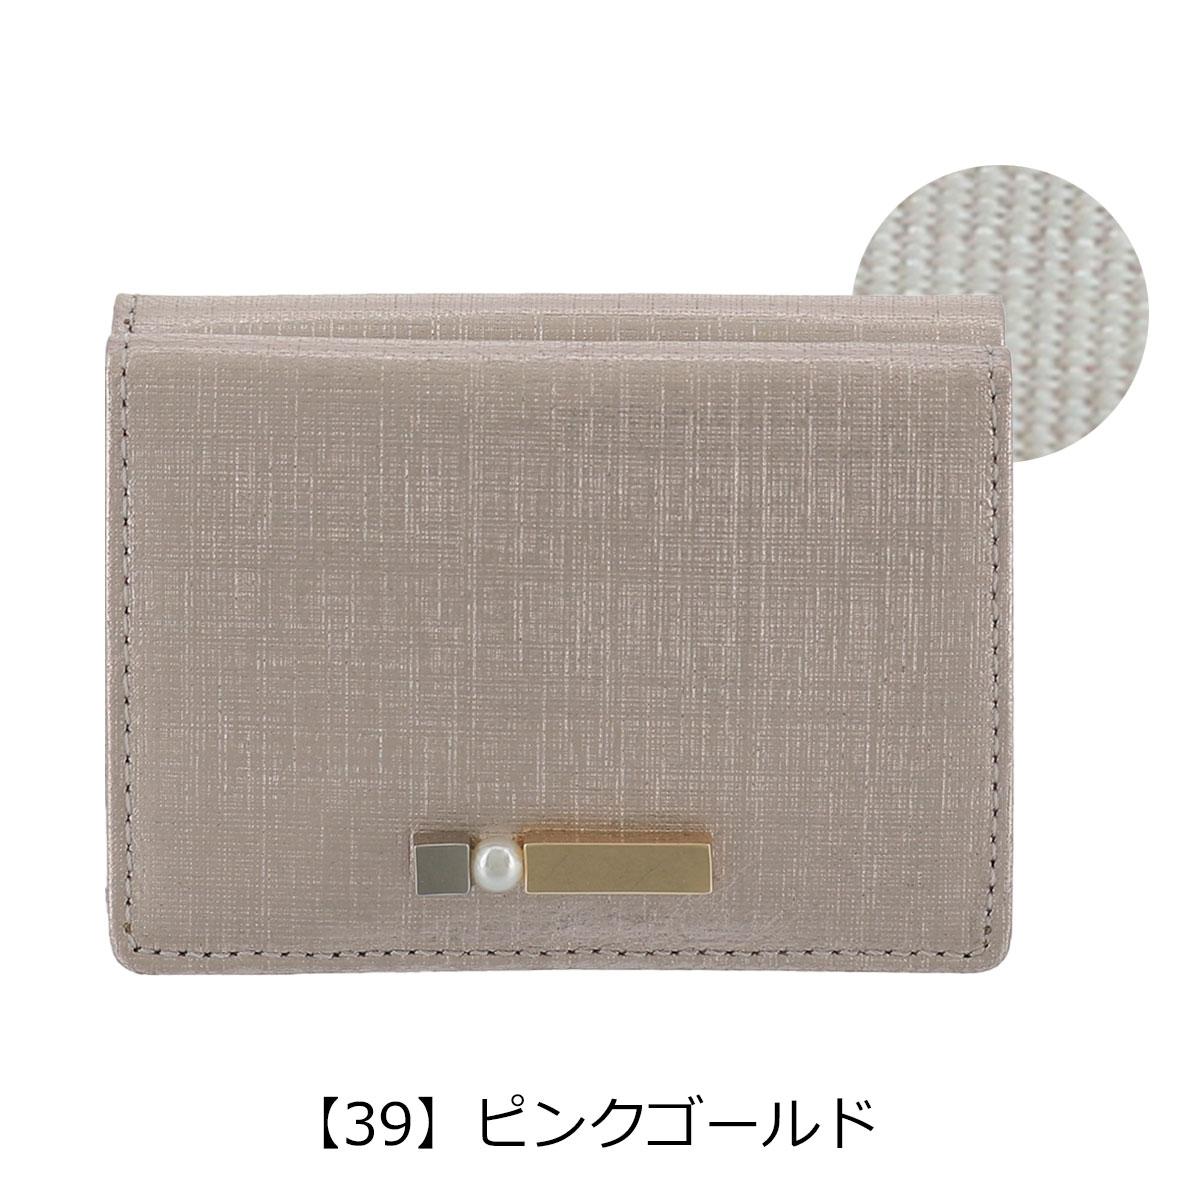 【39】ピンクゴールド